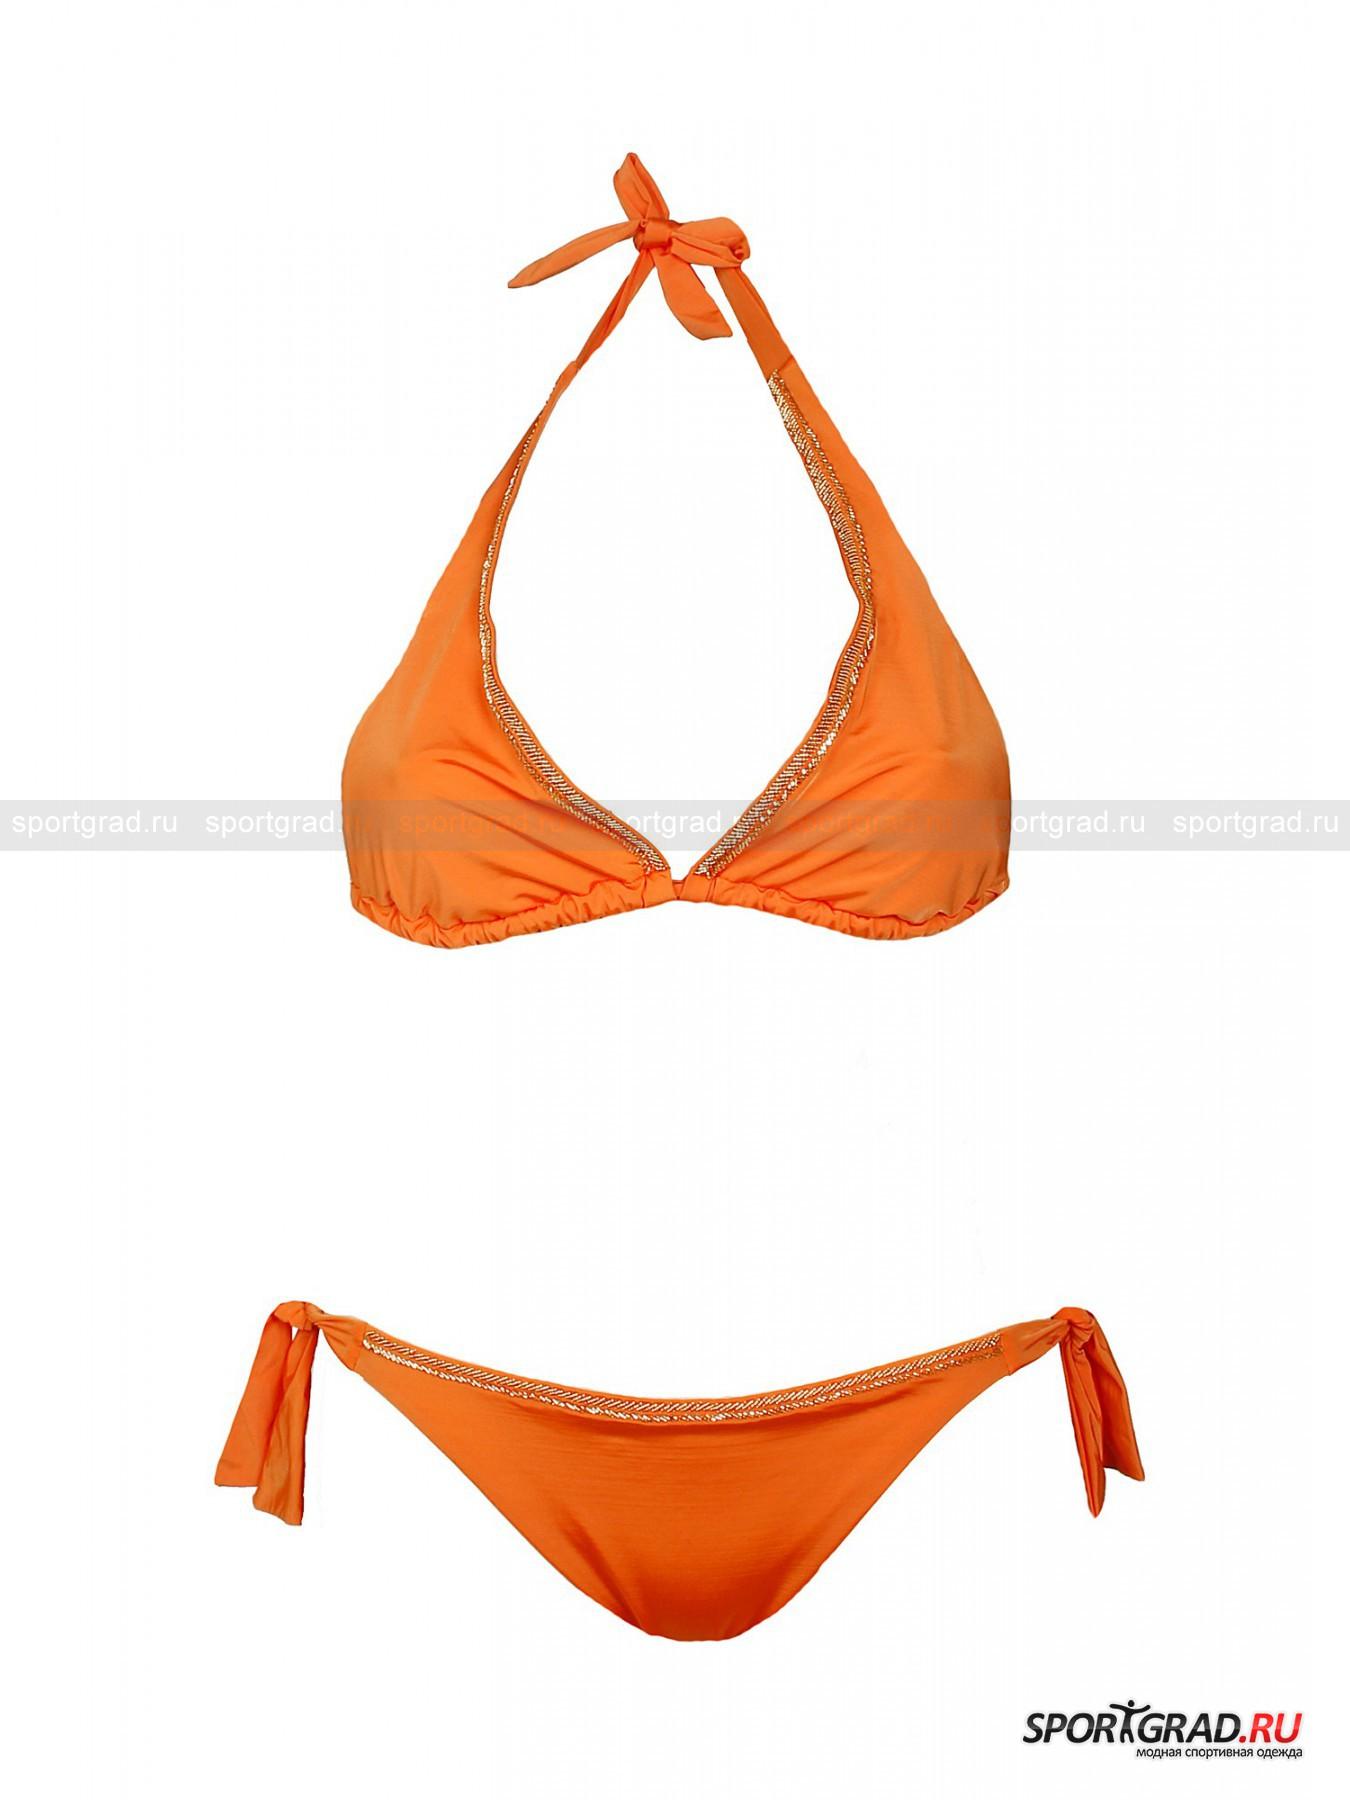 ��������� ������� Bikini Americano Suit EMPORIO ARMANI